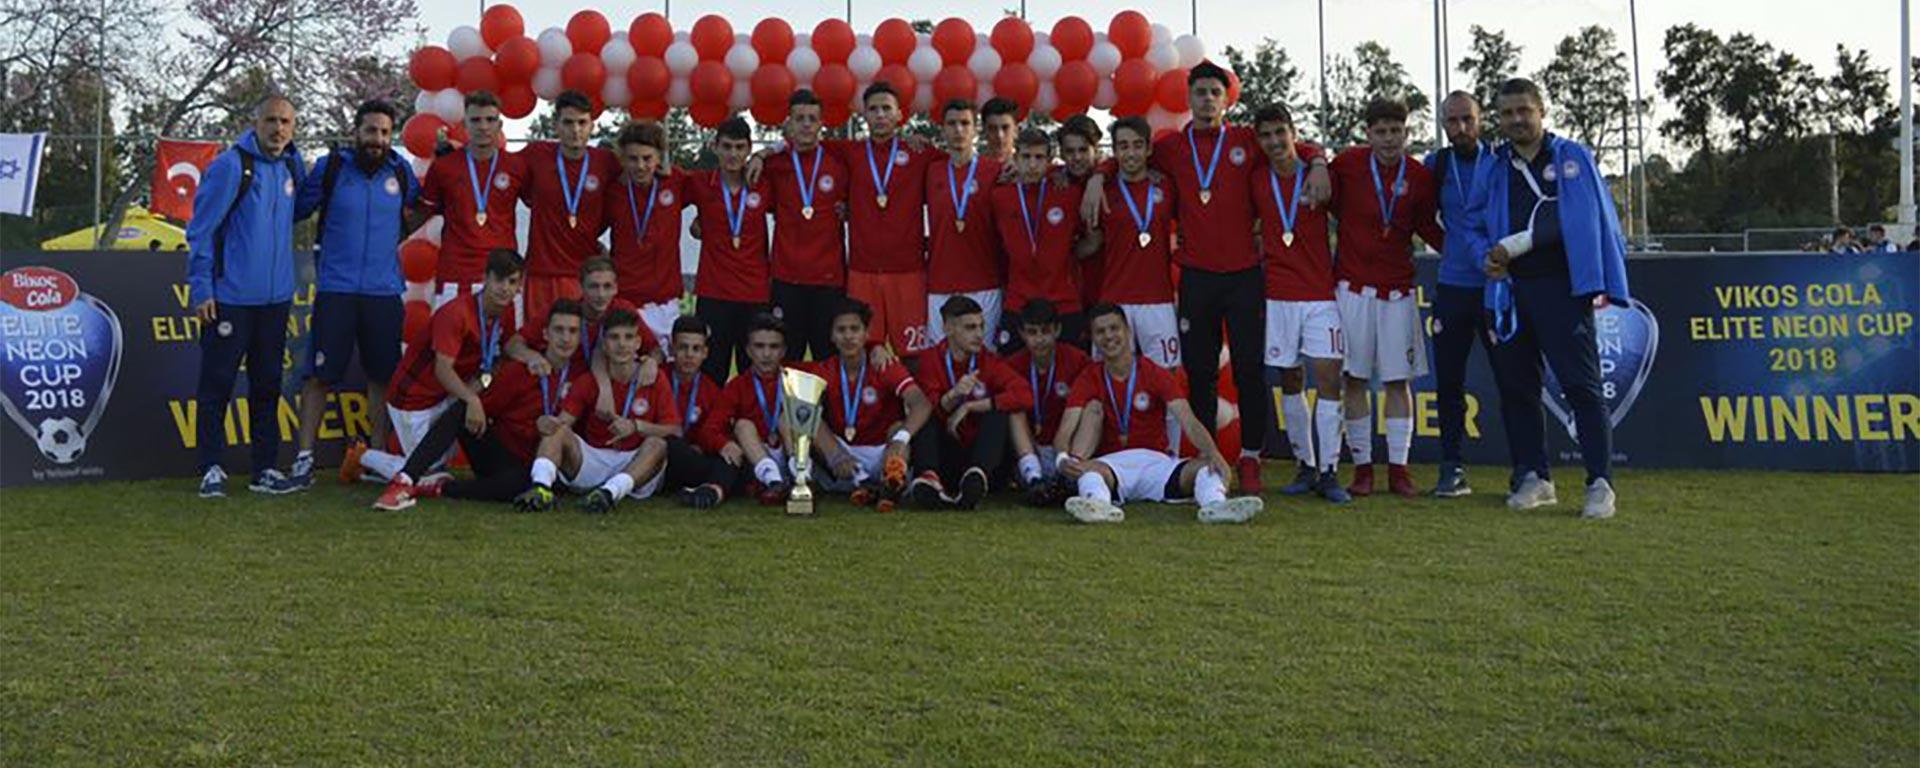 Vikos Cola Elite Neon Cup 2018